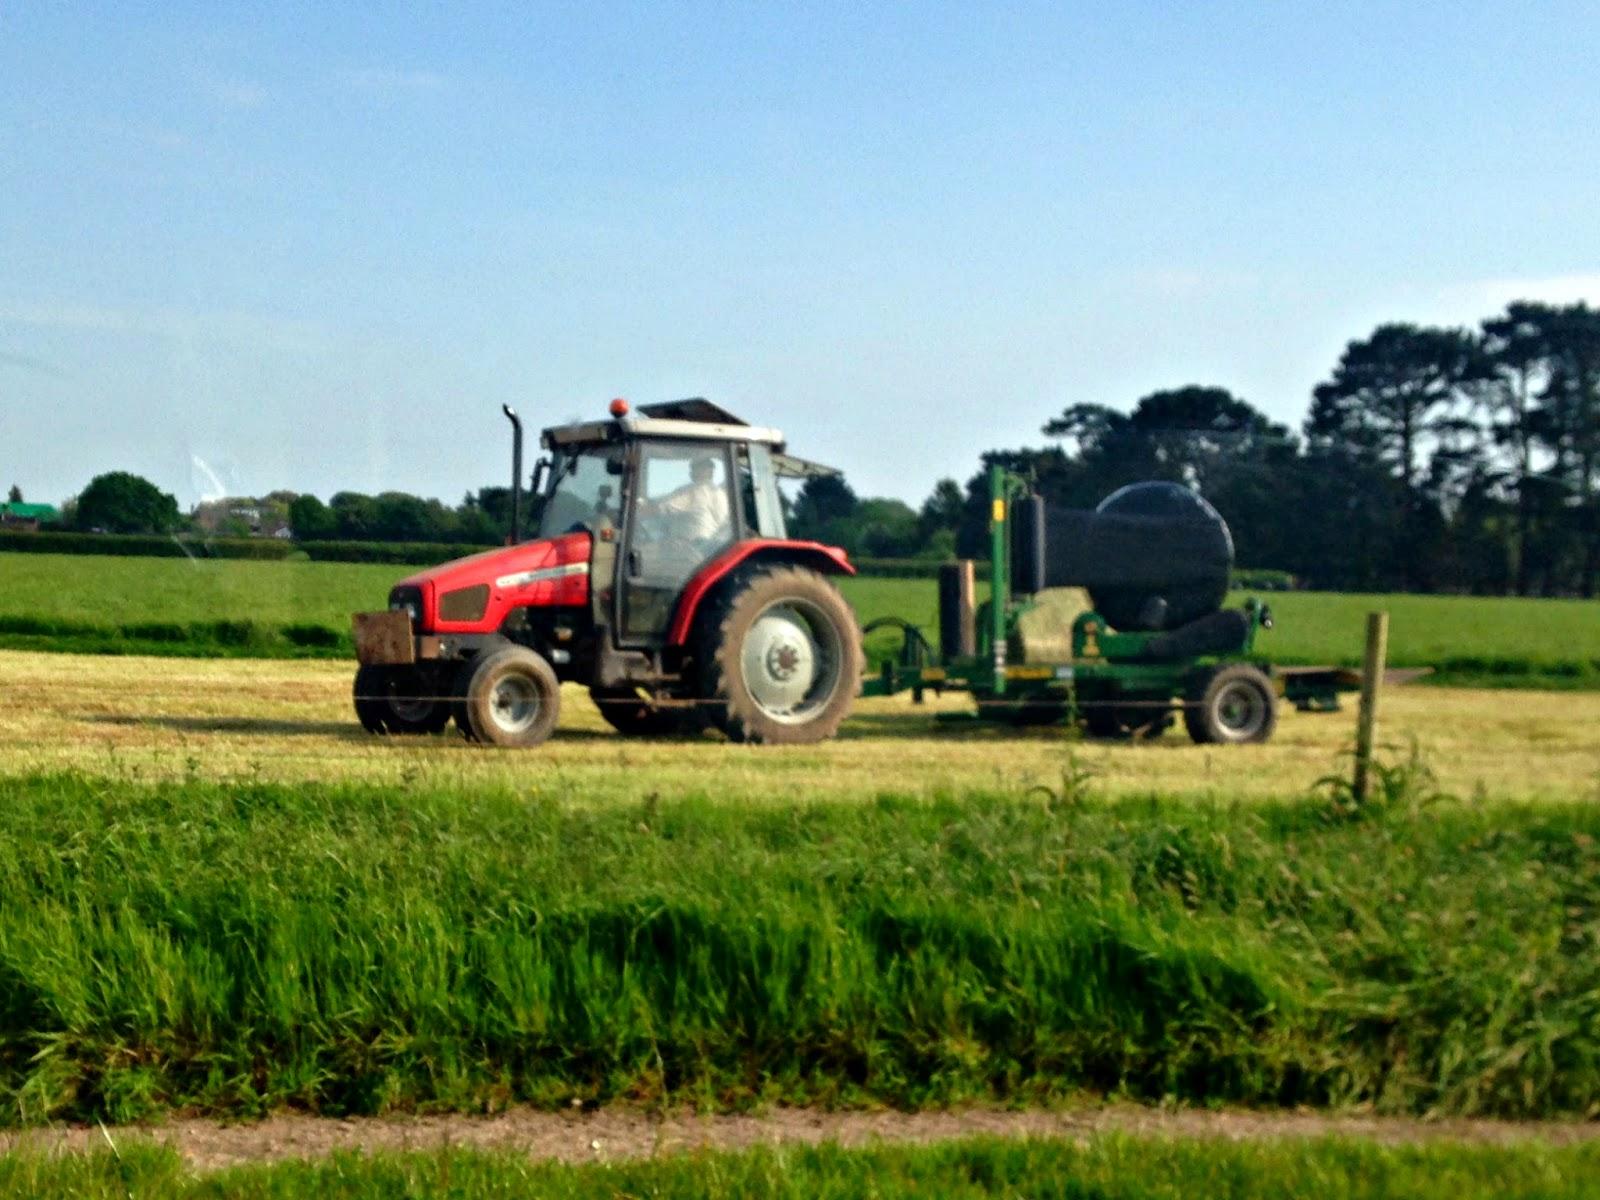 A tactor on Ramley Farm